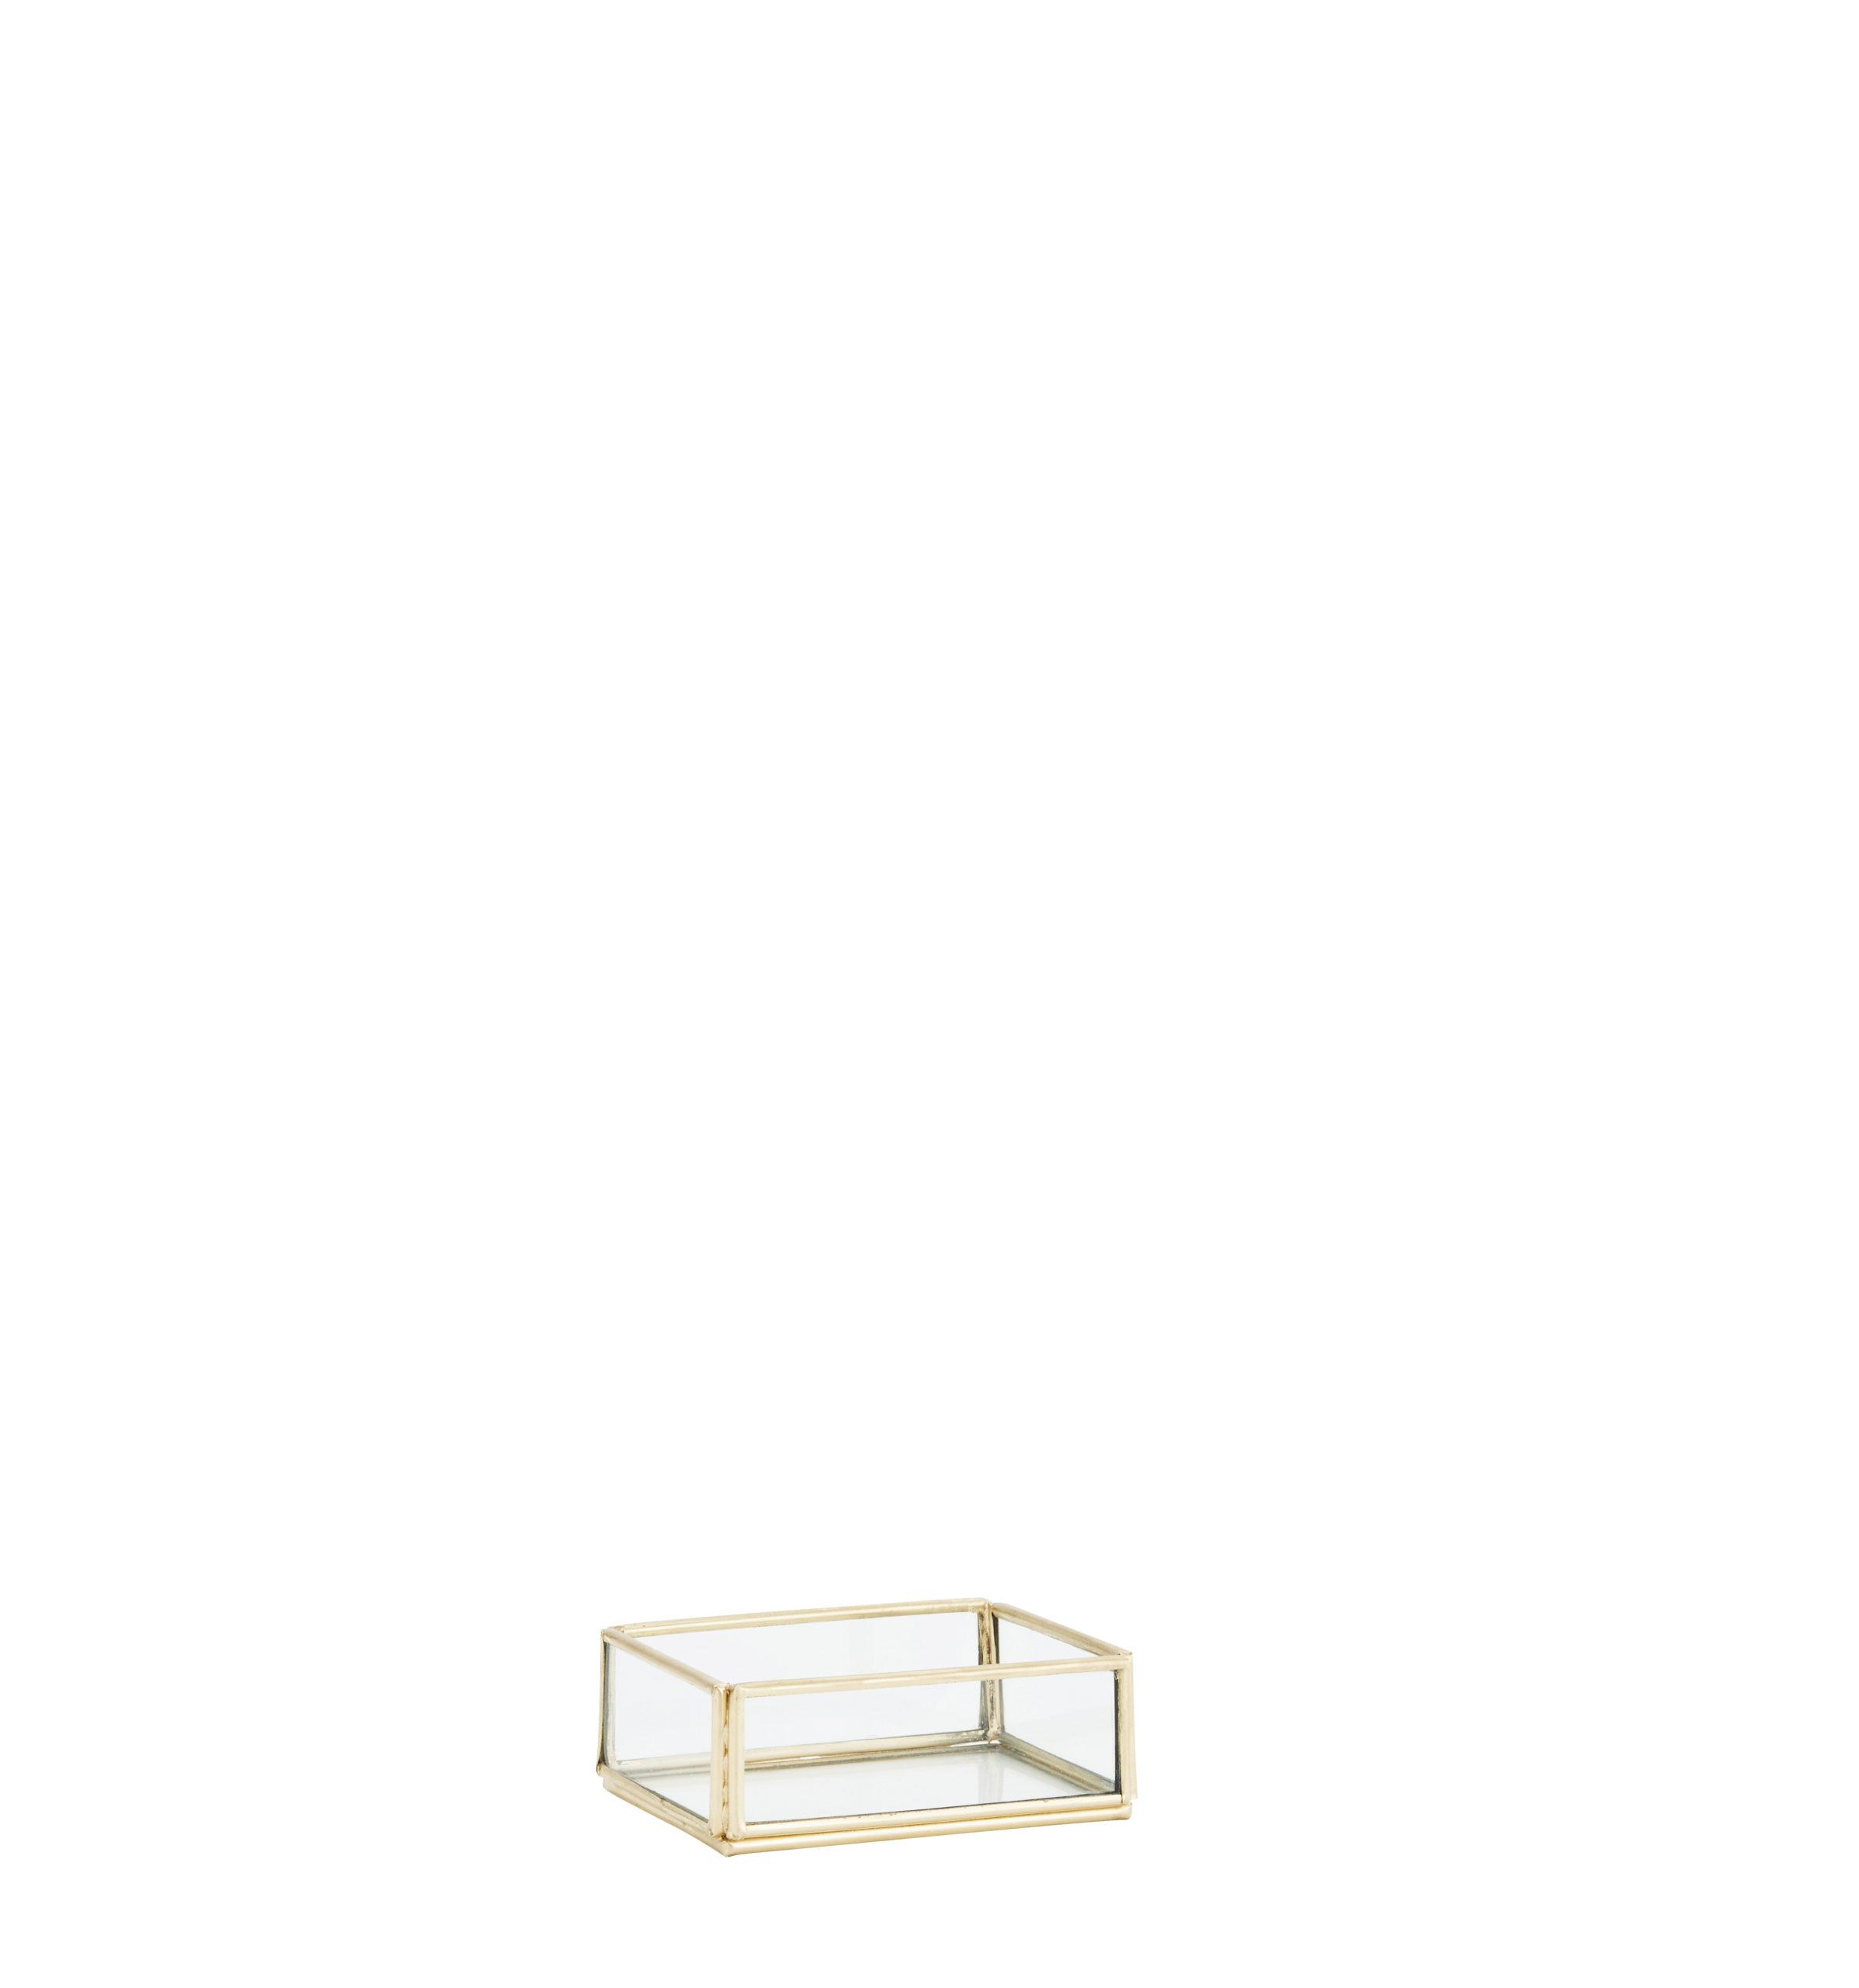 Petite boîte sans couvercle en verre et métal doré * Madam Stoltz